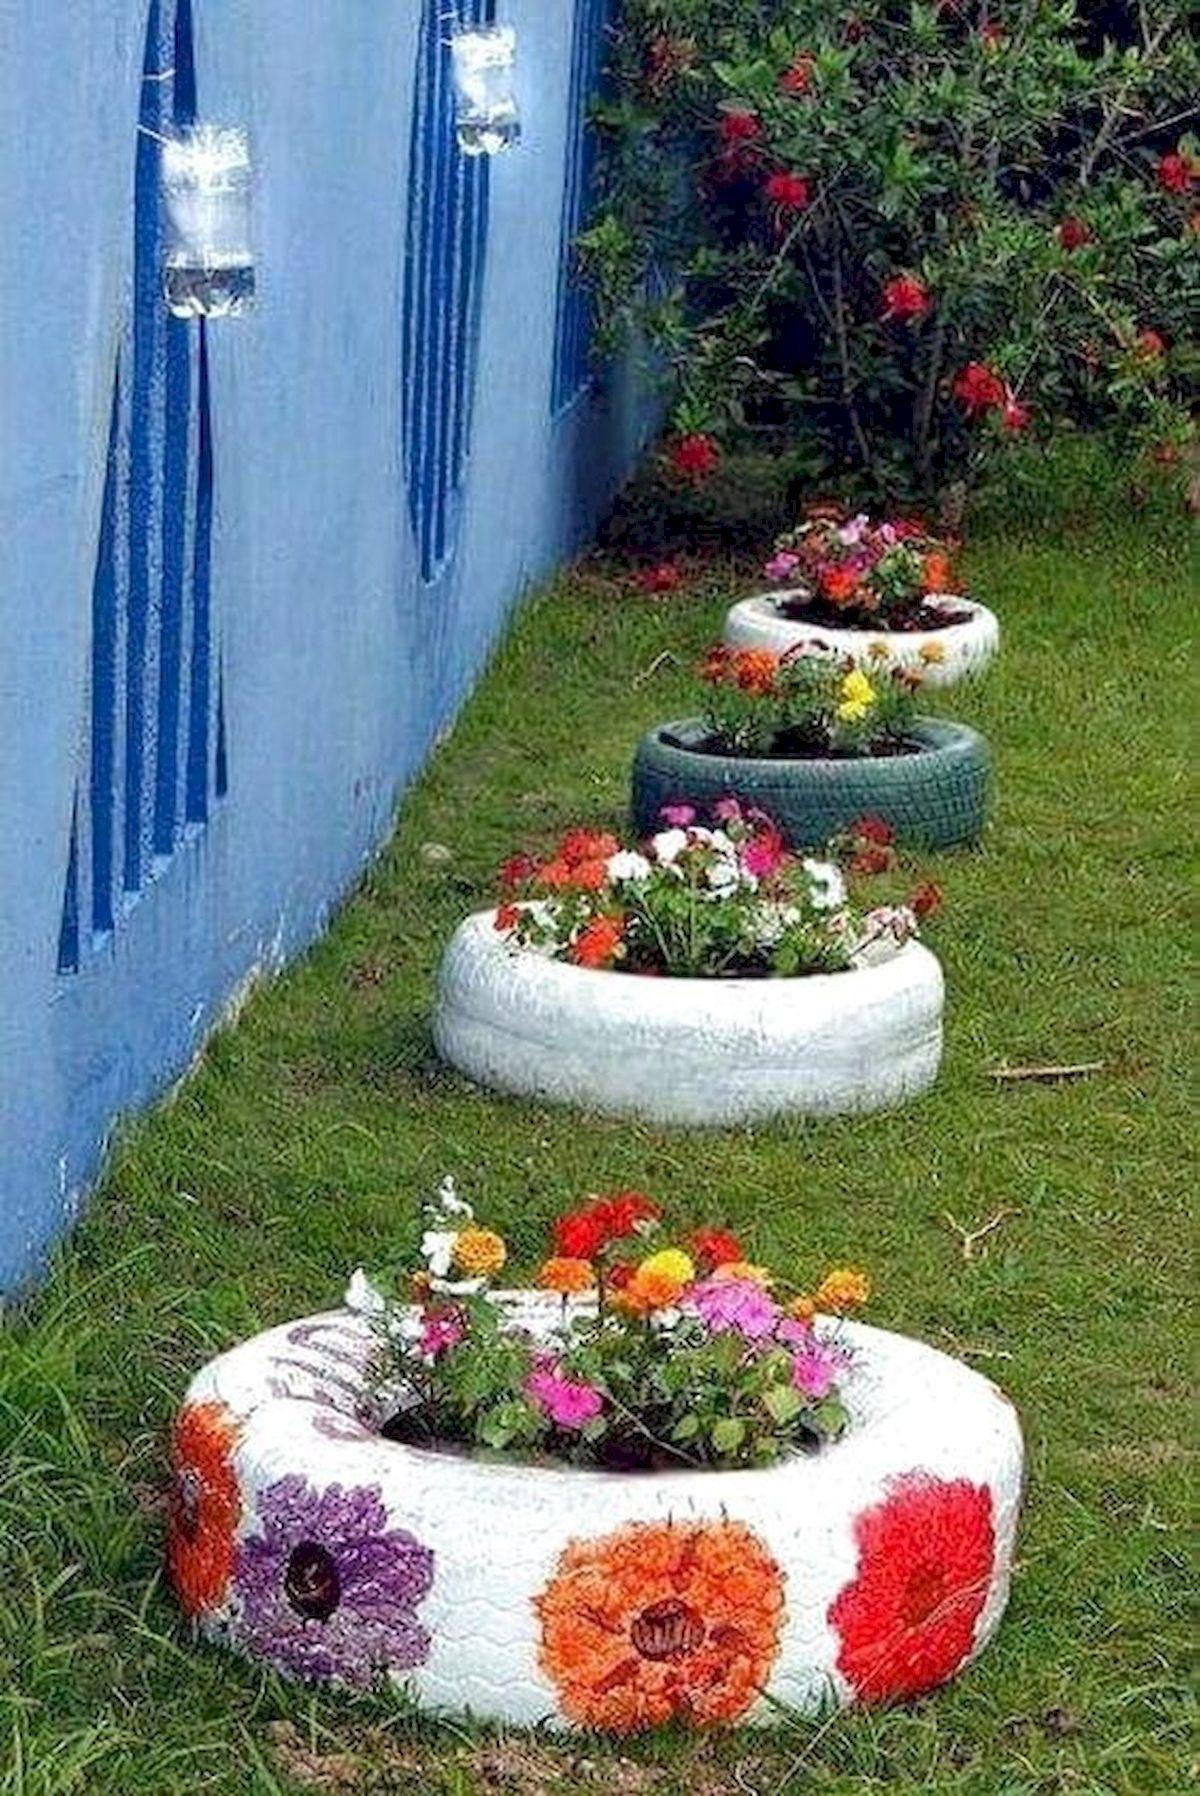 25 Fantastic Diy Garden Decoration Ideas Using Old Tires Diy Backyard Landscaping Diy Garden Decor Garden Decor